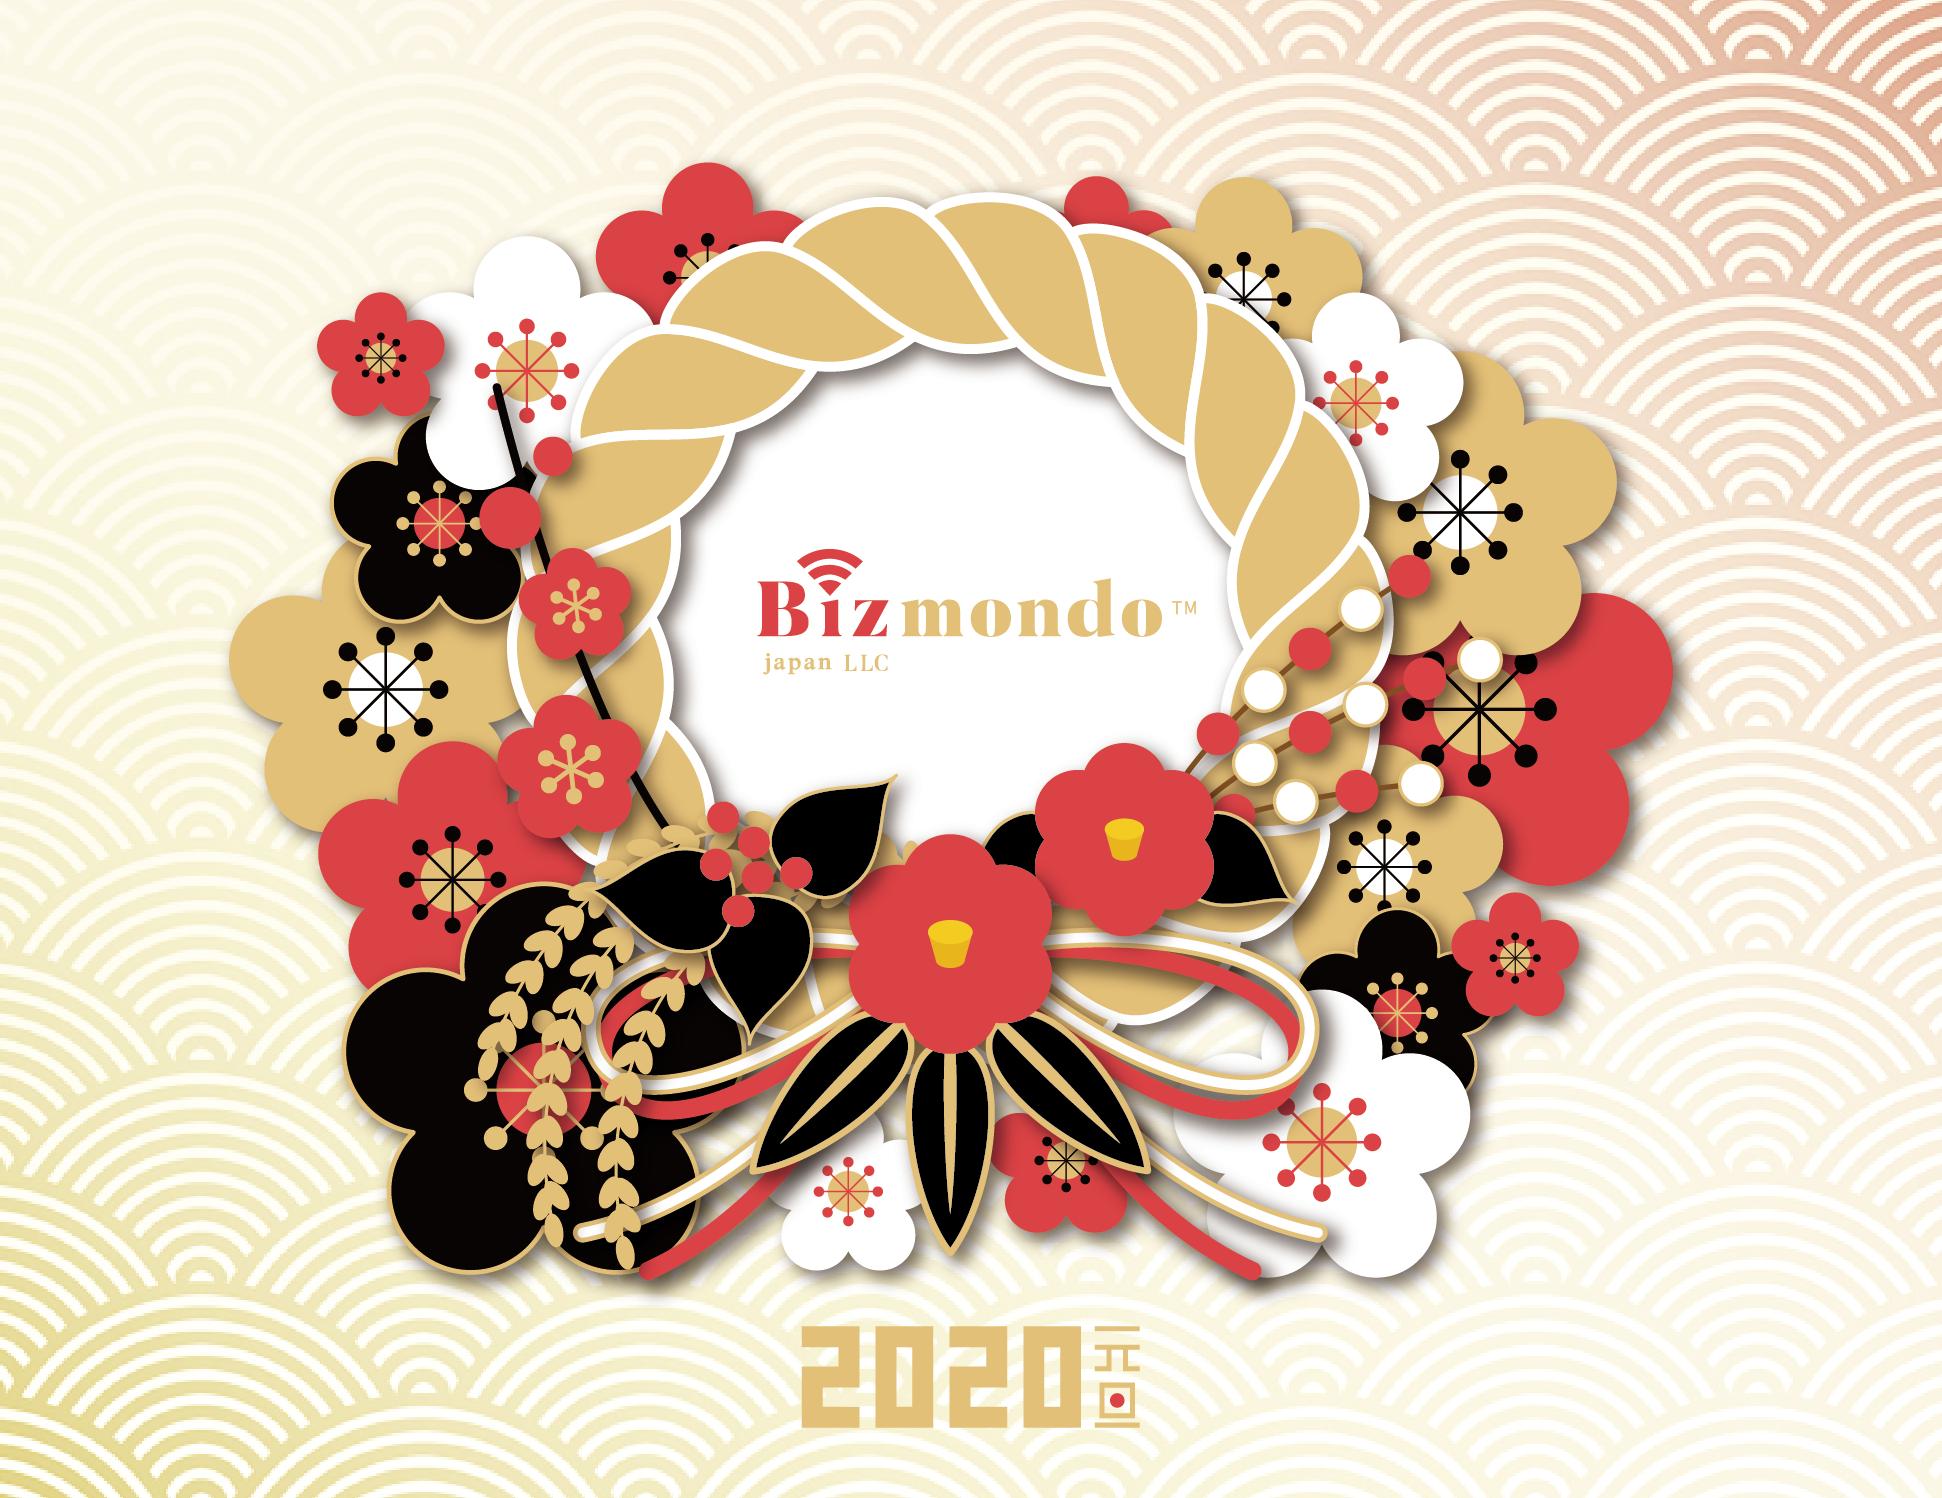 2020年 新年のごあいさつ